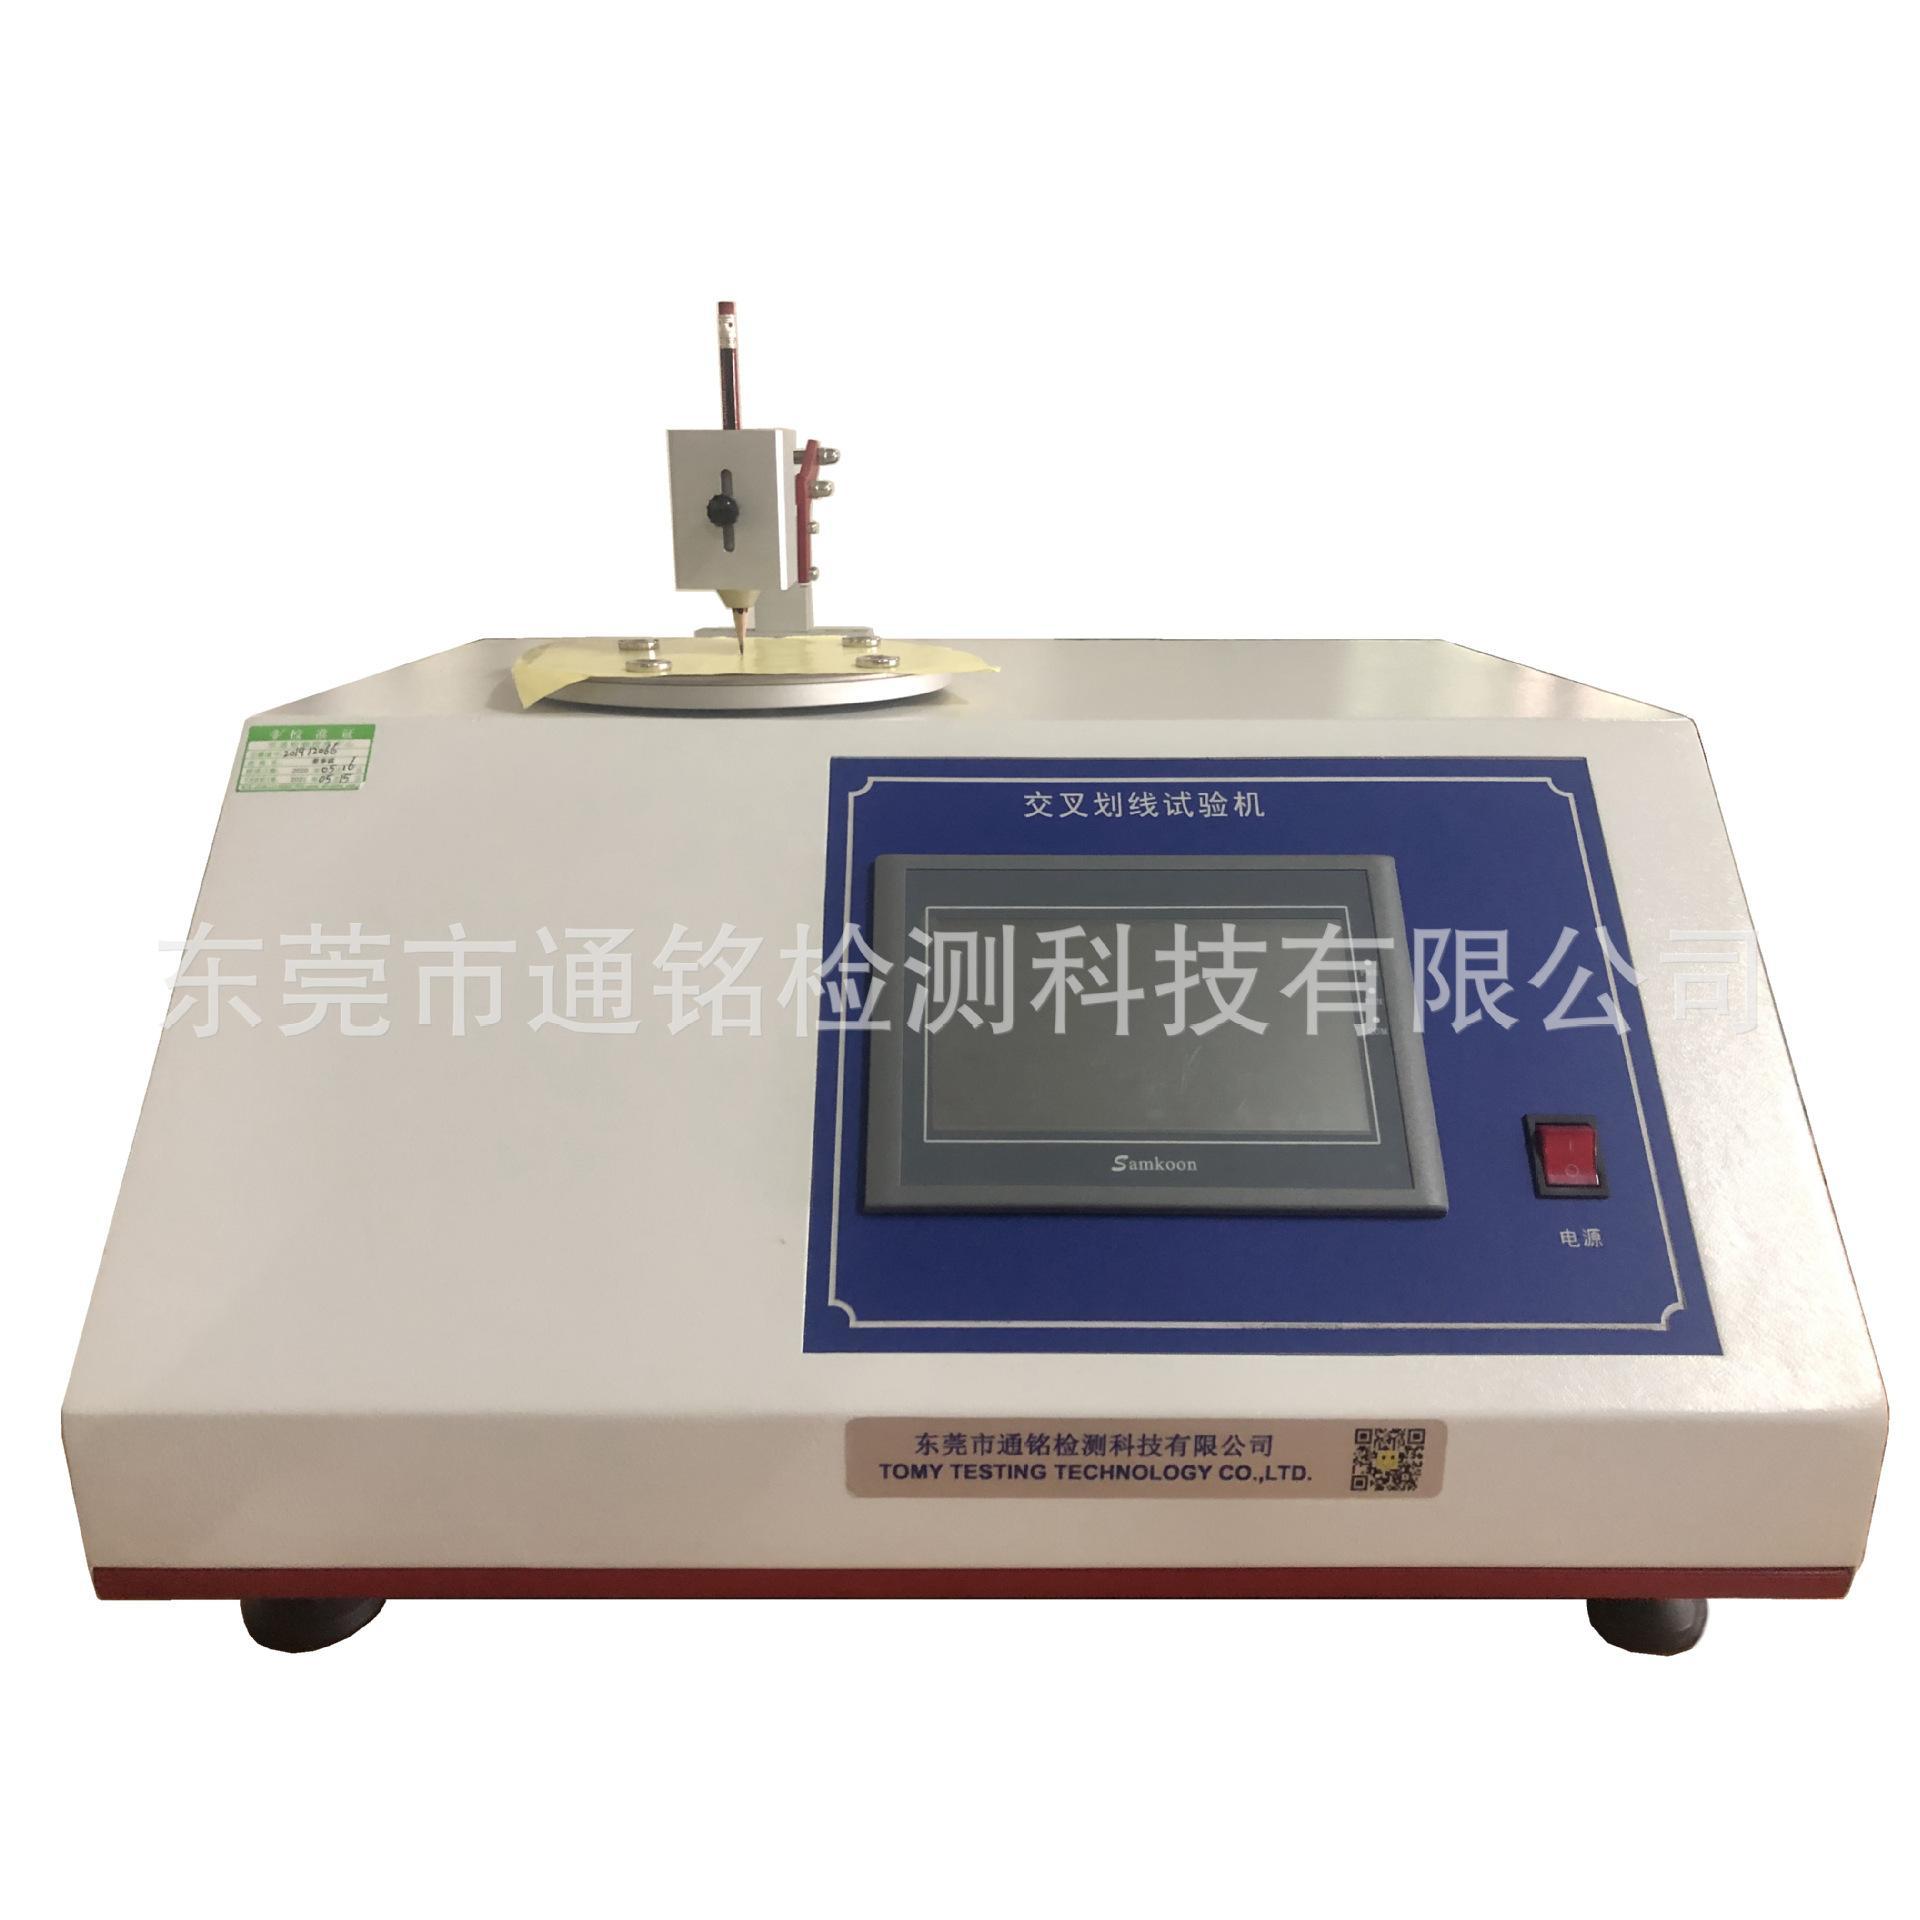 交叉划线机,交叉划线试验仪,QB/T 1024,QB/T 2774-专业文具检测厂 1